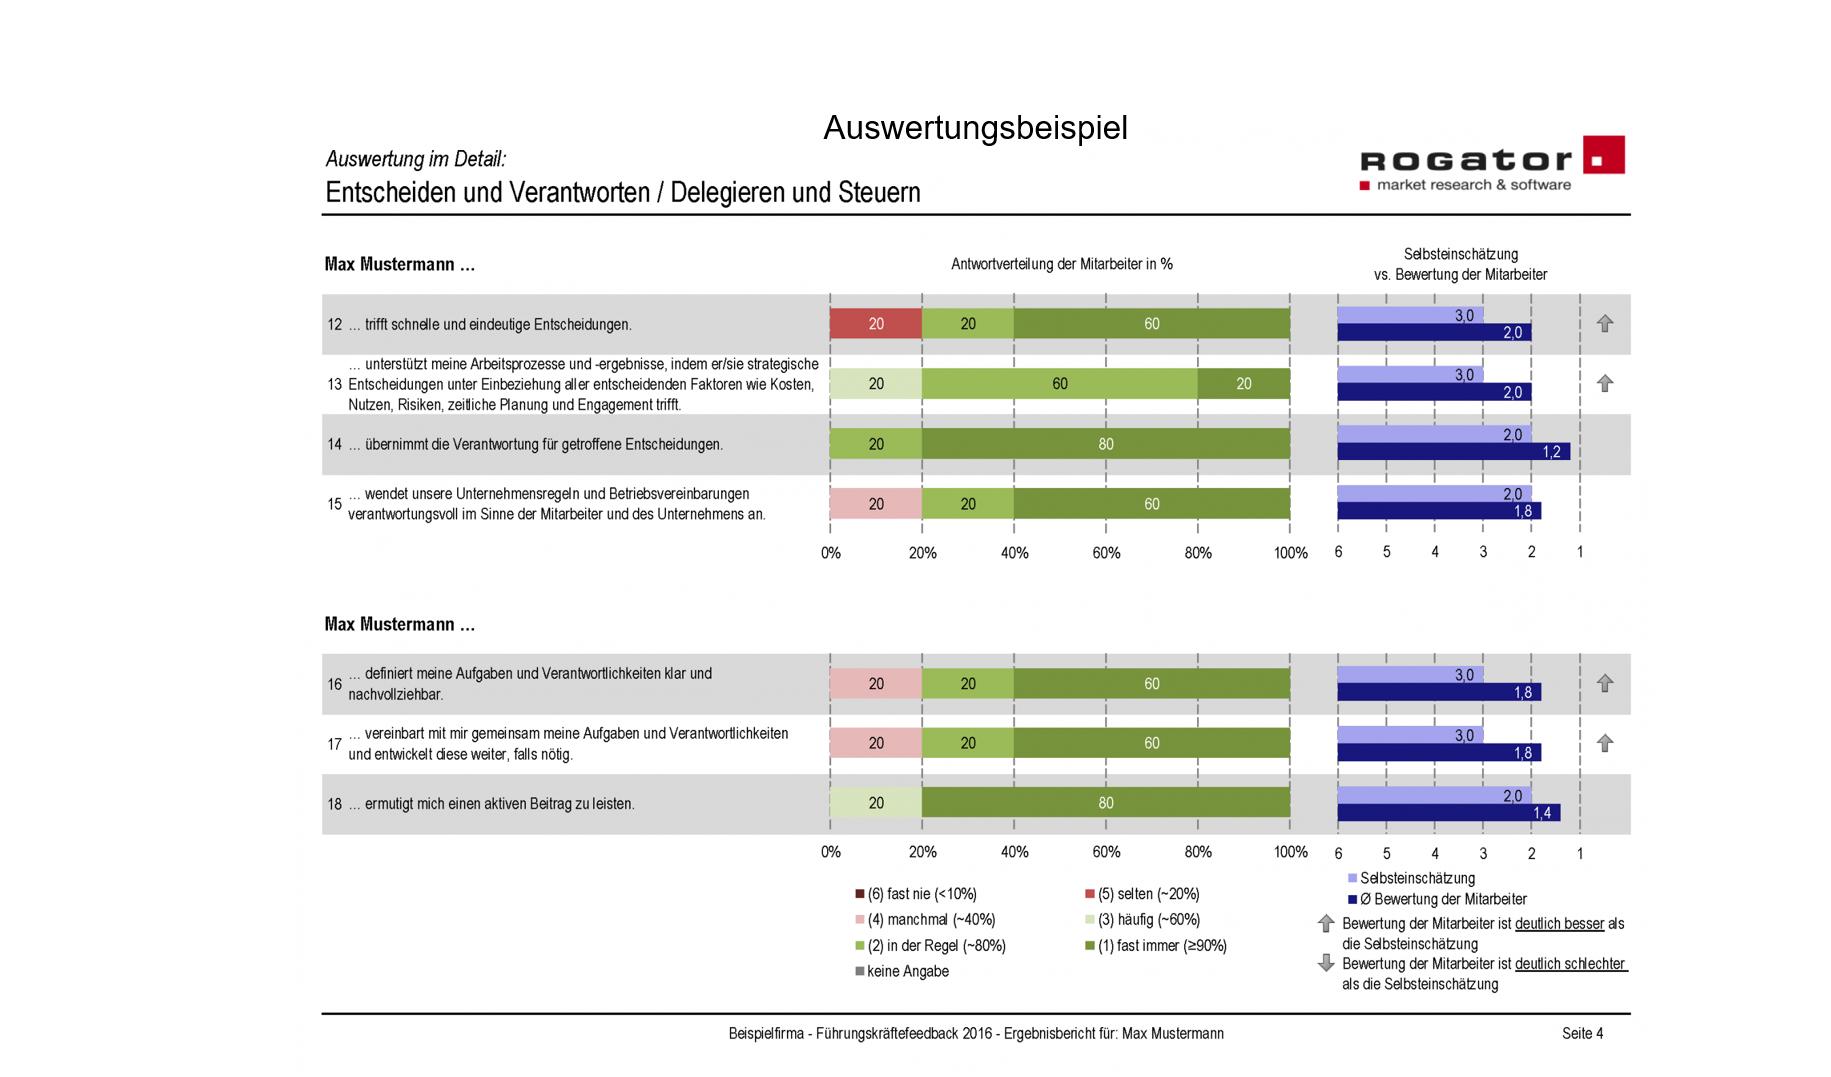 Fuehrungskraeftefeedback Beispiel Auswertung Slide 6